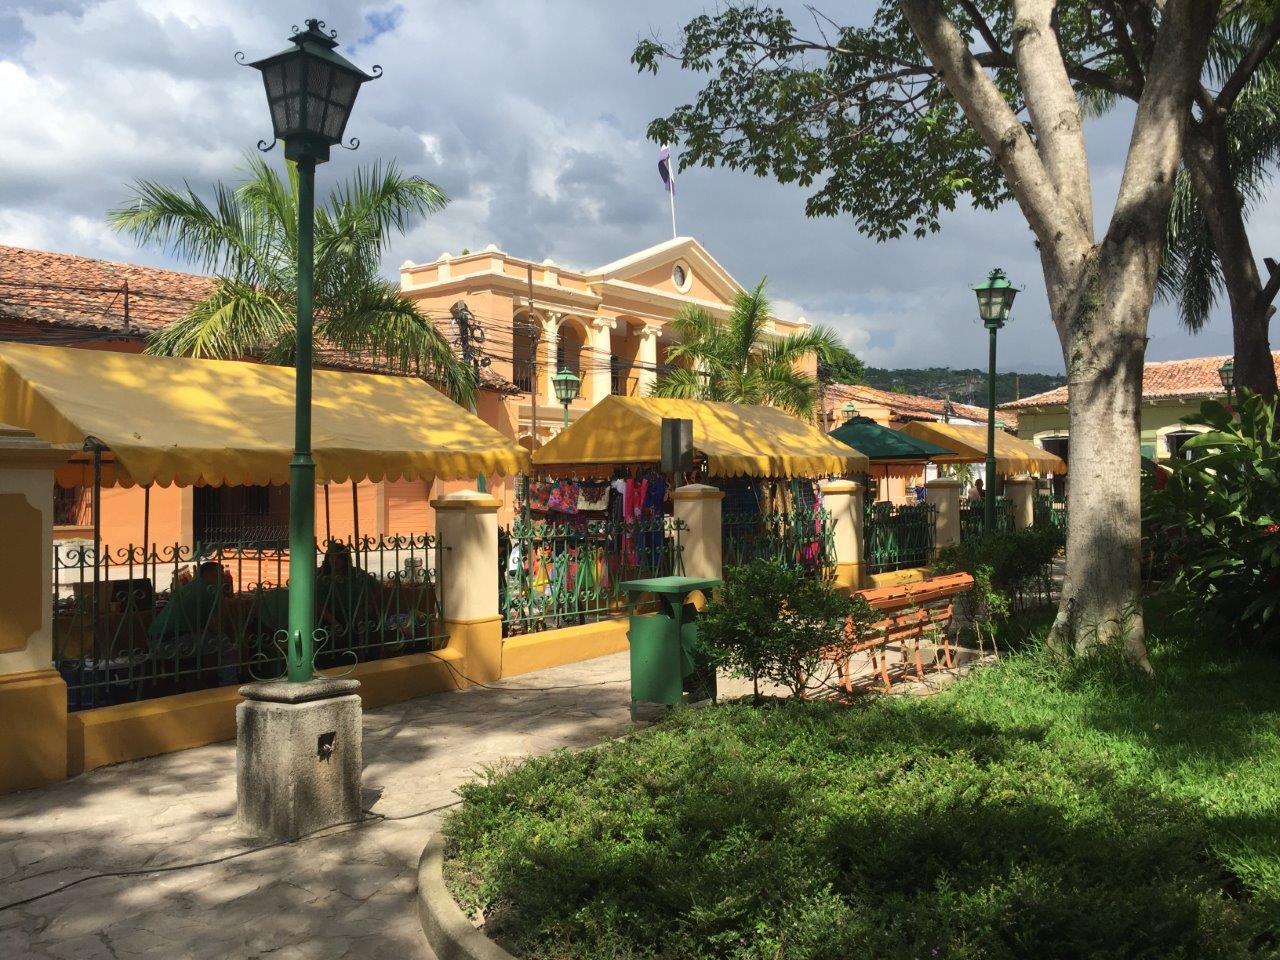 Thumbnail Locaties 3 - Honduras